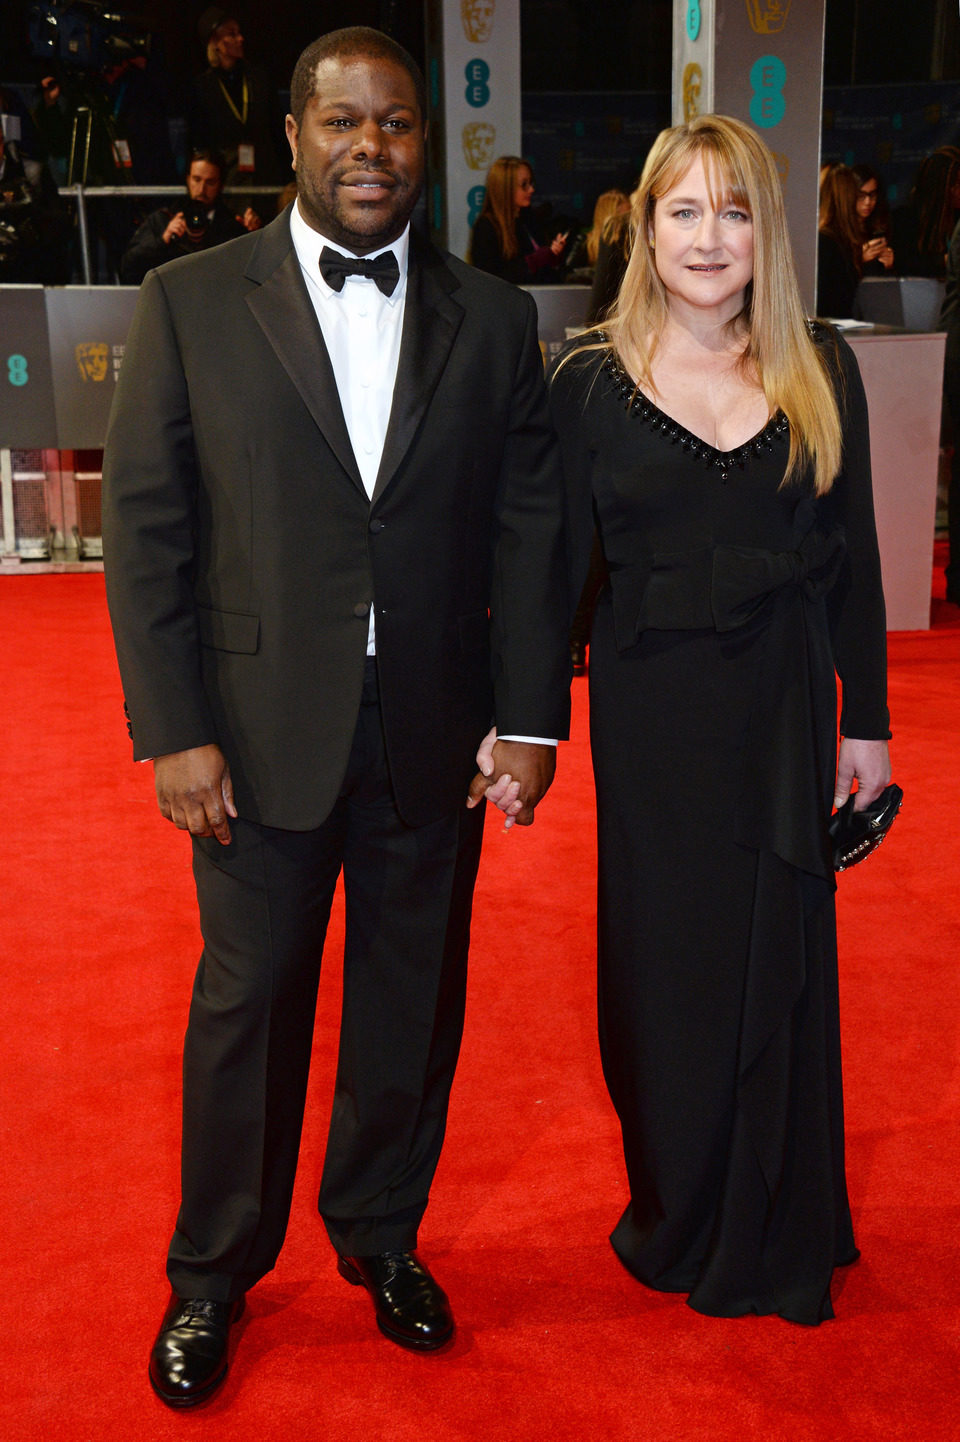 Steve R. McQueen en los Premios BAFTA 2014